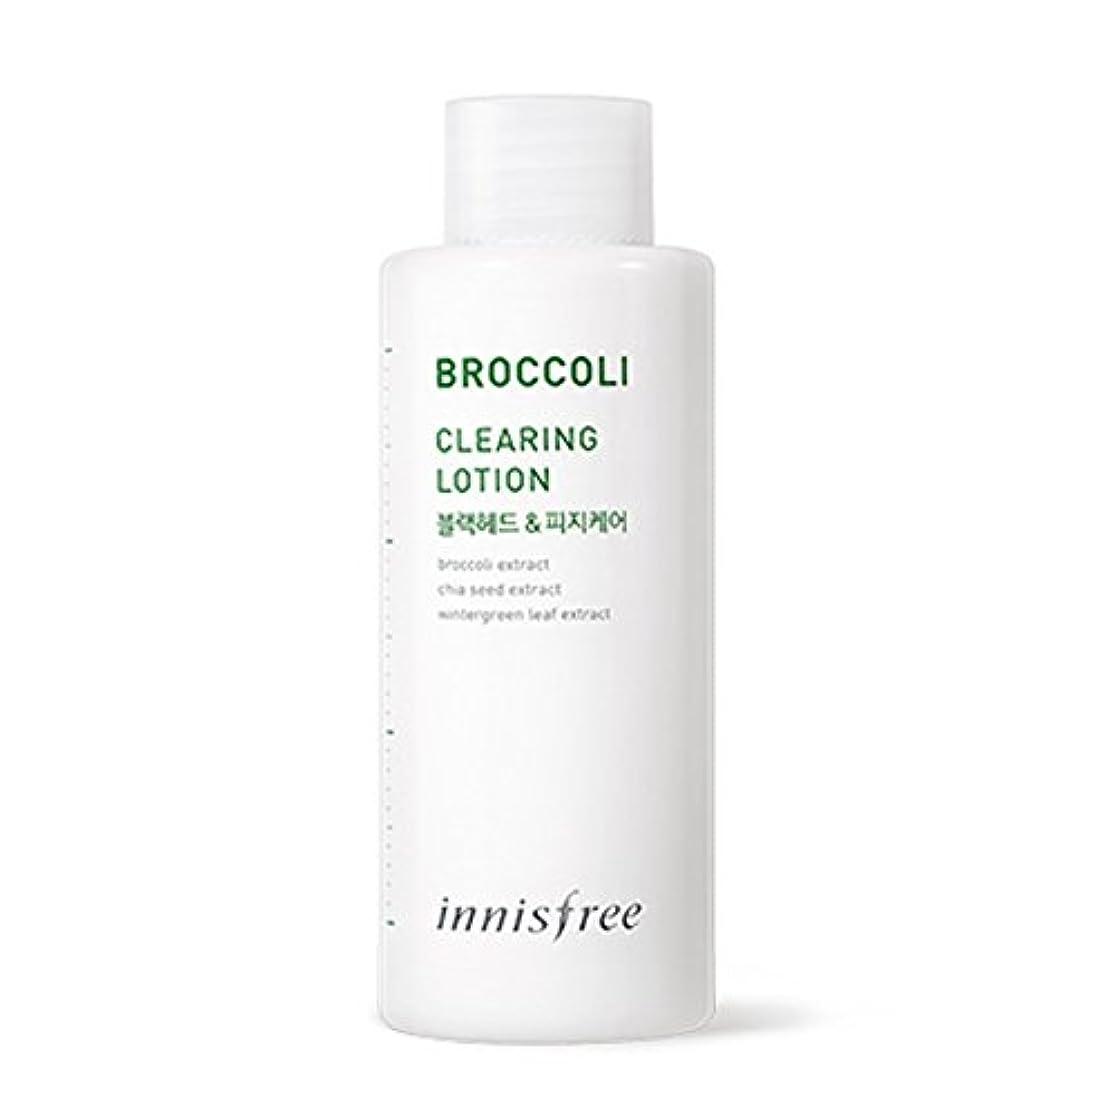 肥料シュリンク傭兵イニスフリーブロッコリークリアリングローション(エマルジョン)130ml Innisfree Broccoli Clearing Lotion(Emulsion) 130ml [海外直送品][並行輸入品]